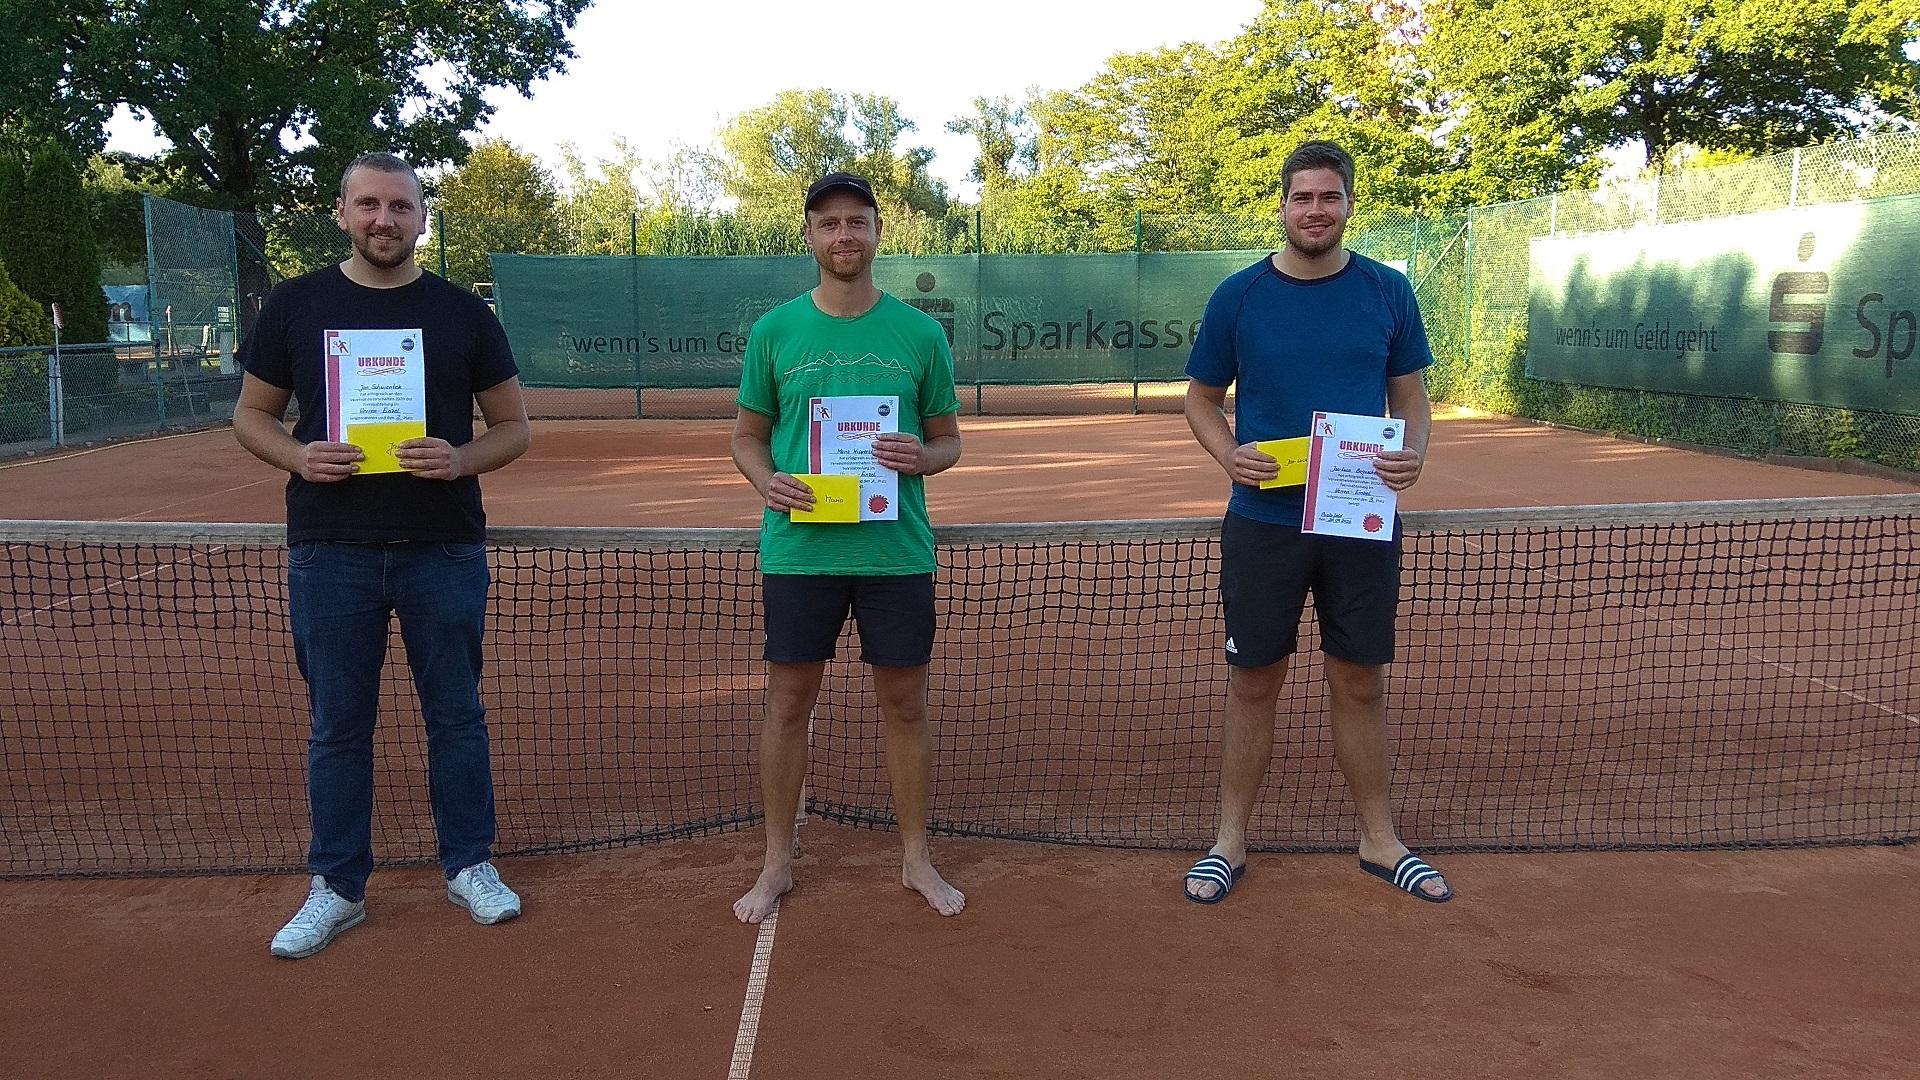 telekom-post-sv-bielefeld-tennisabteilung-vereinsmeisterschaften-2020-sieger-herren-einzel-hauptrunde-hp